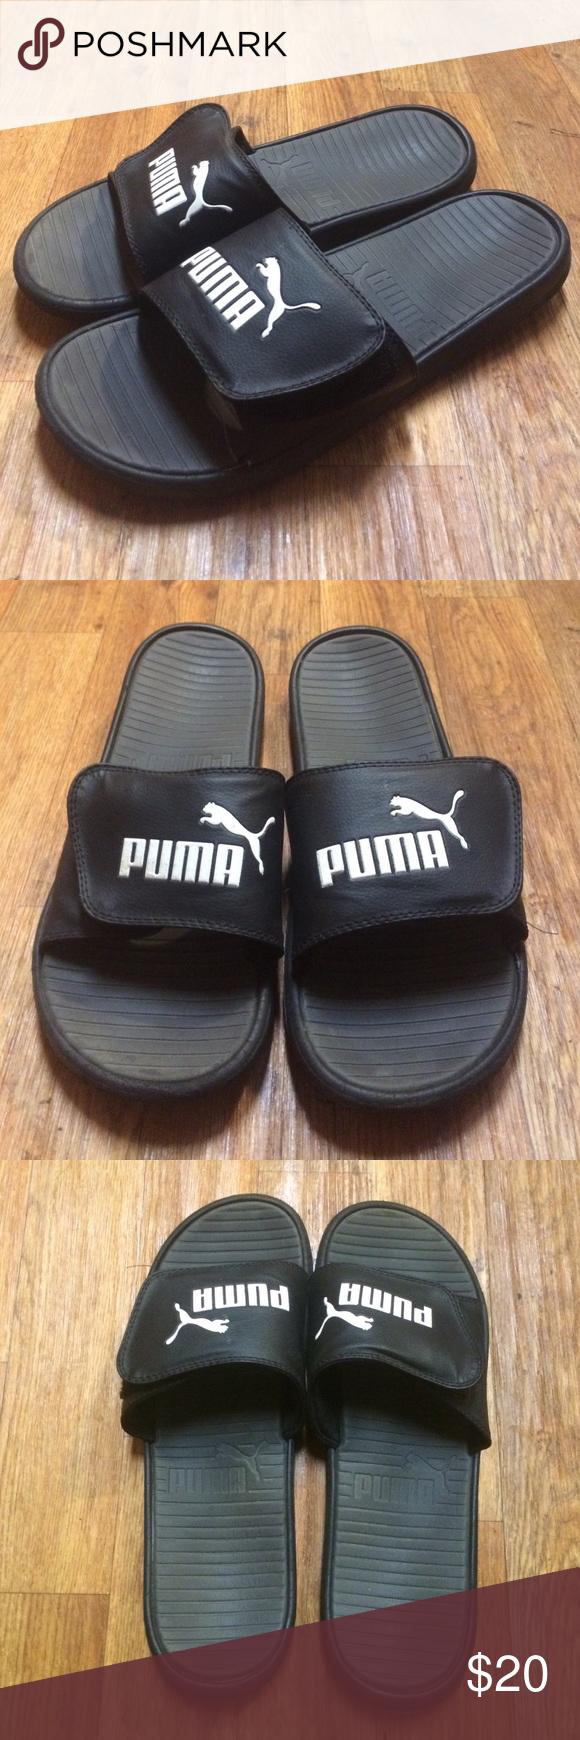 Men's Puma Slippers Men's Puma PopCat Sandals in black & white Puma Shoes